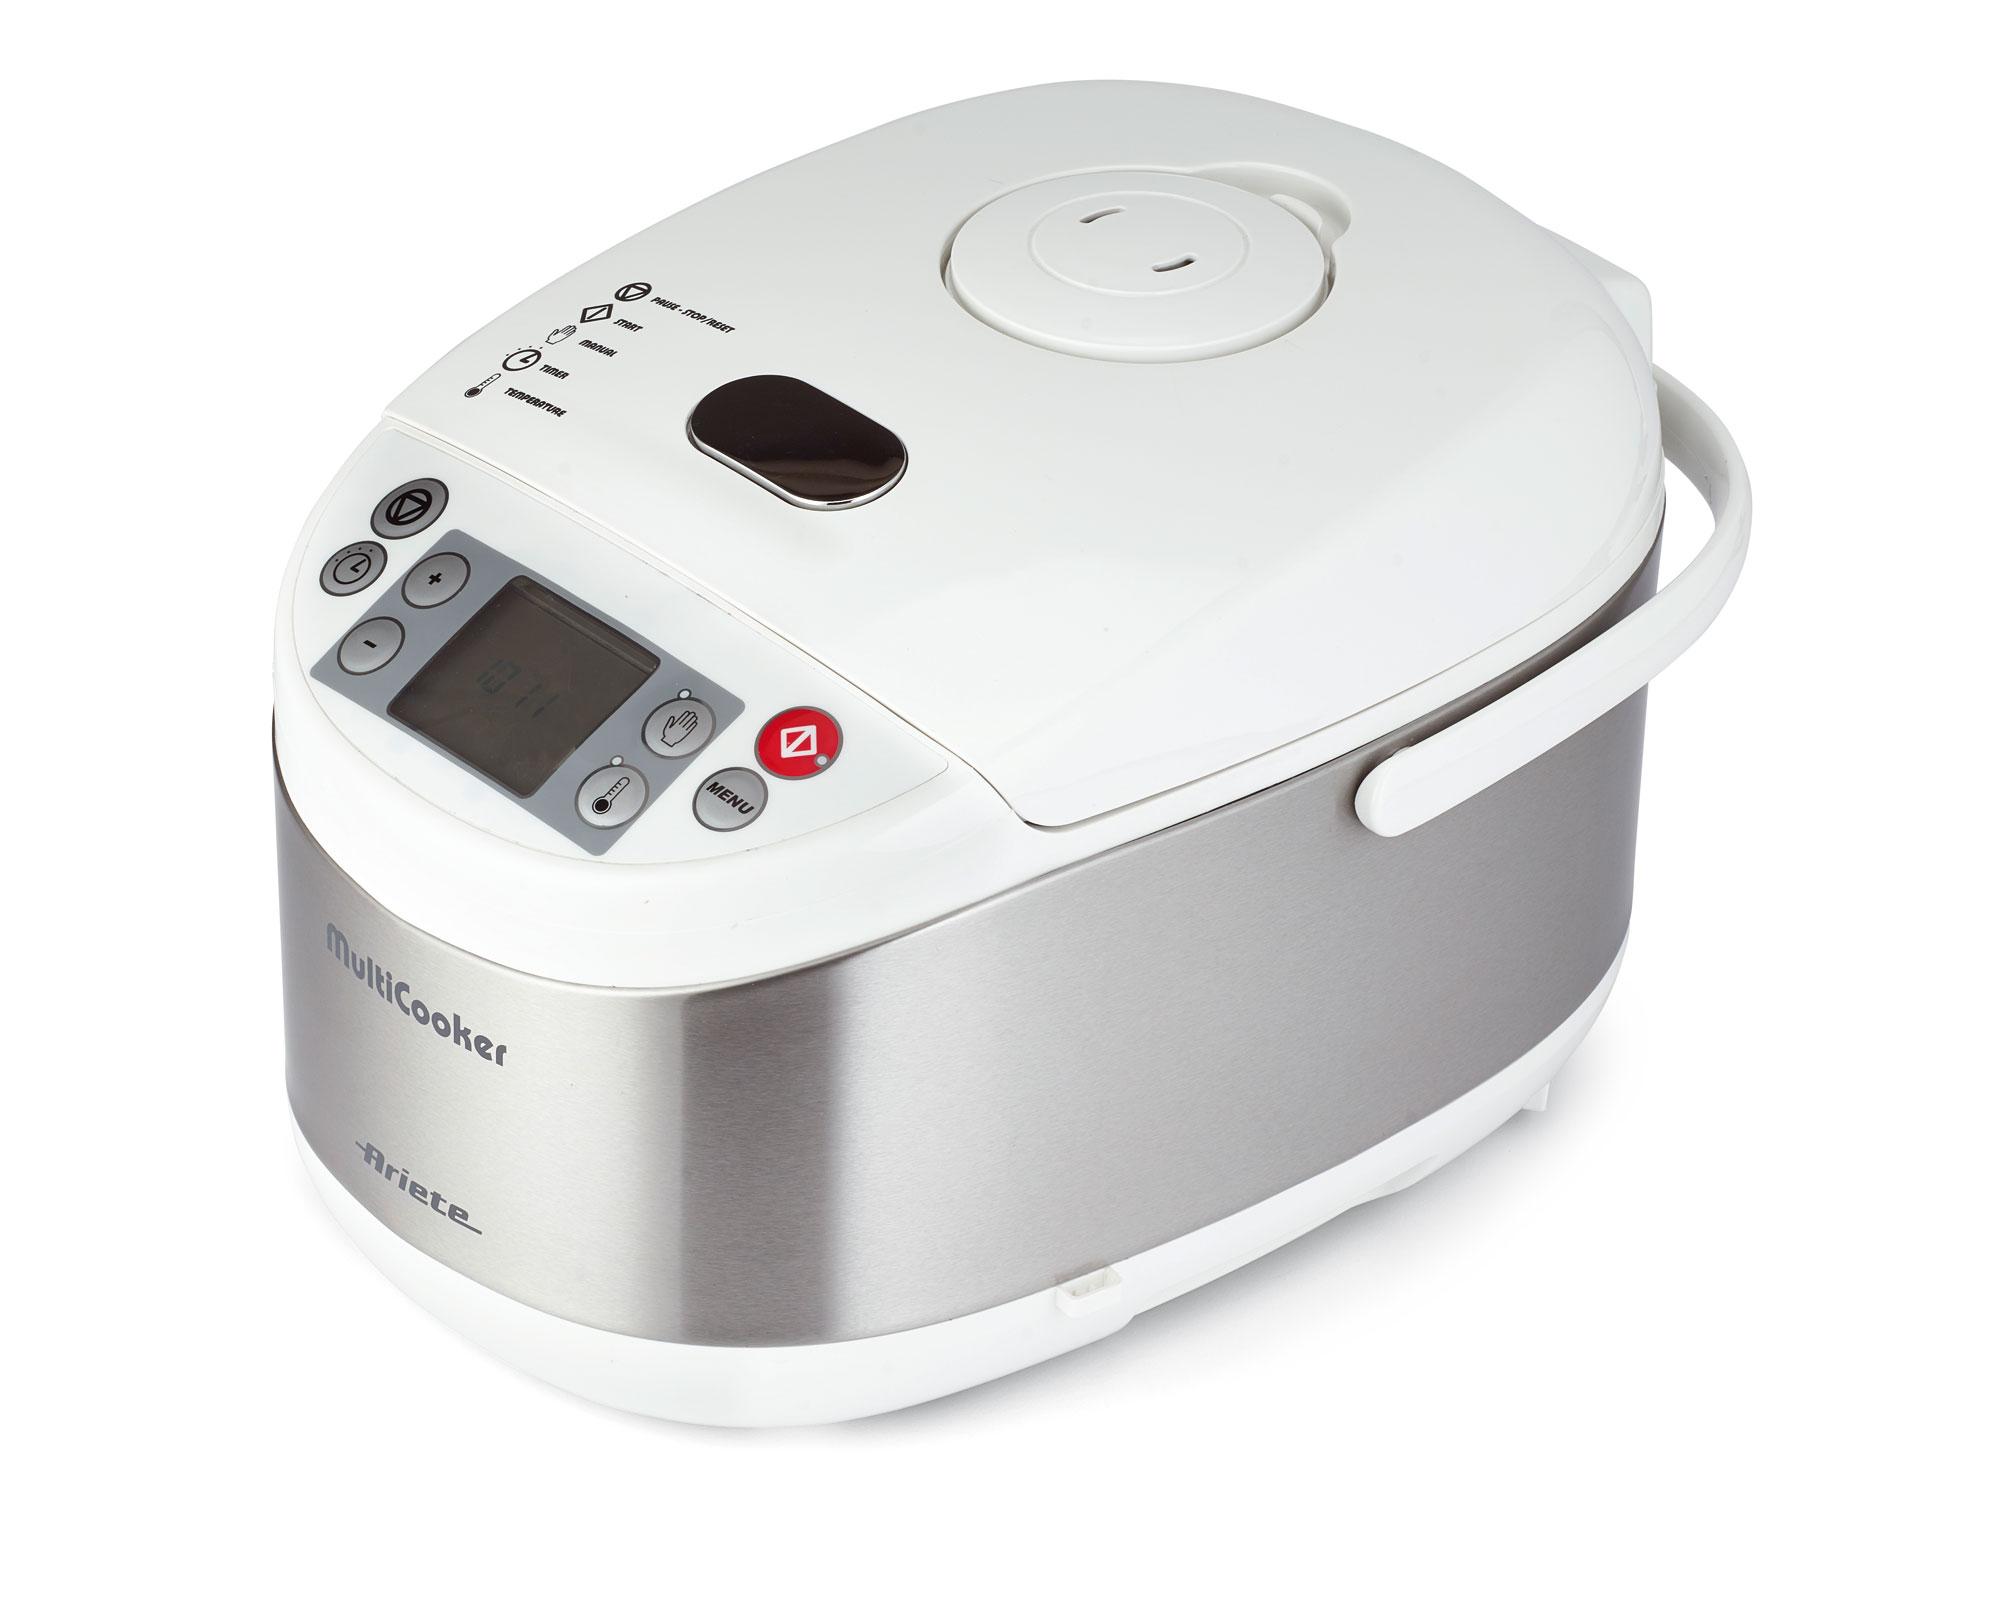 prezzo Multicooker in offerta